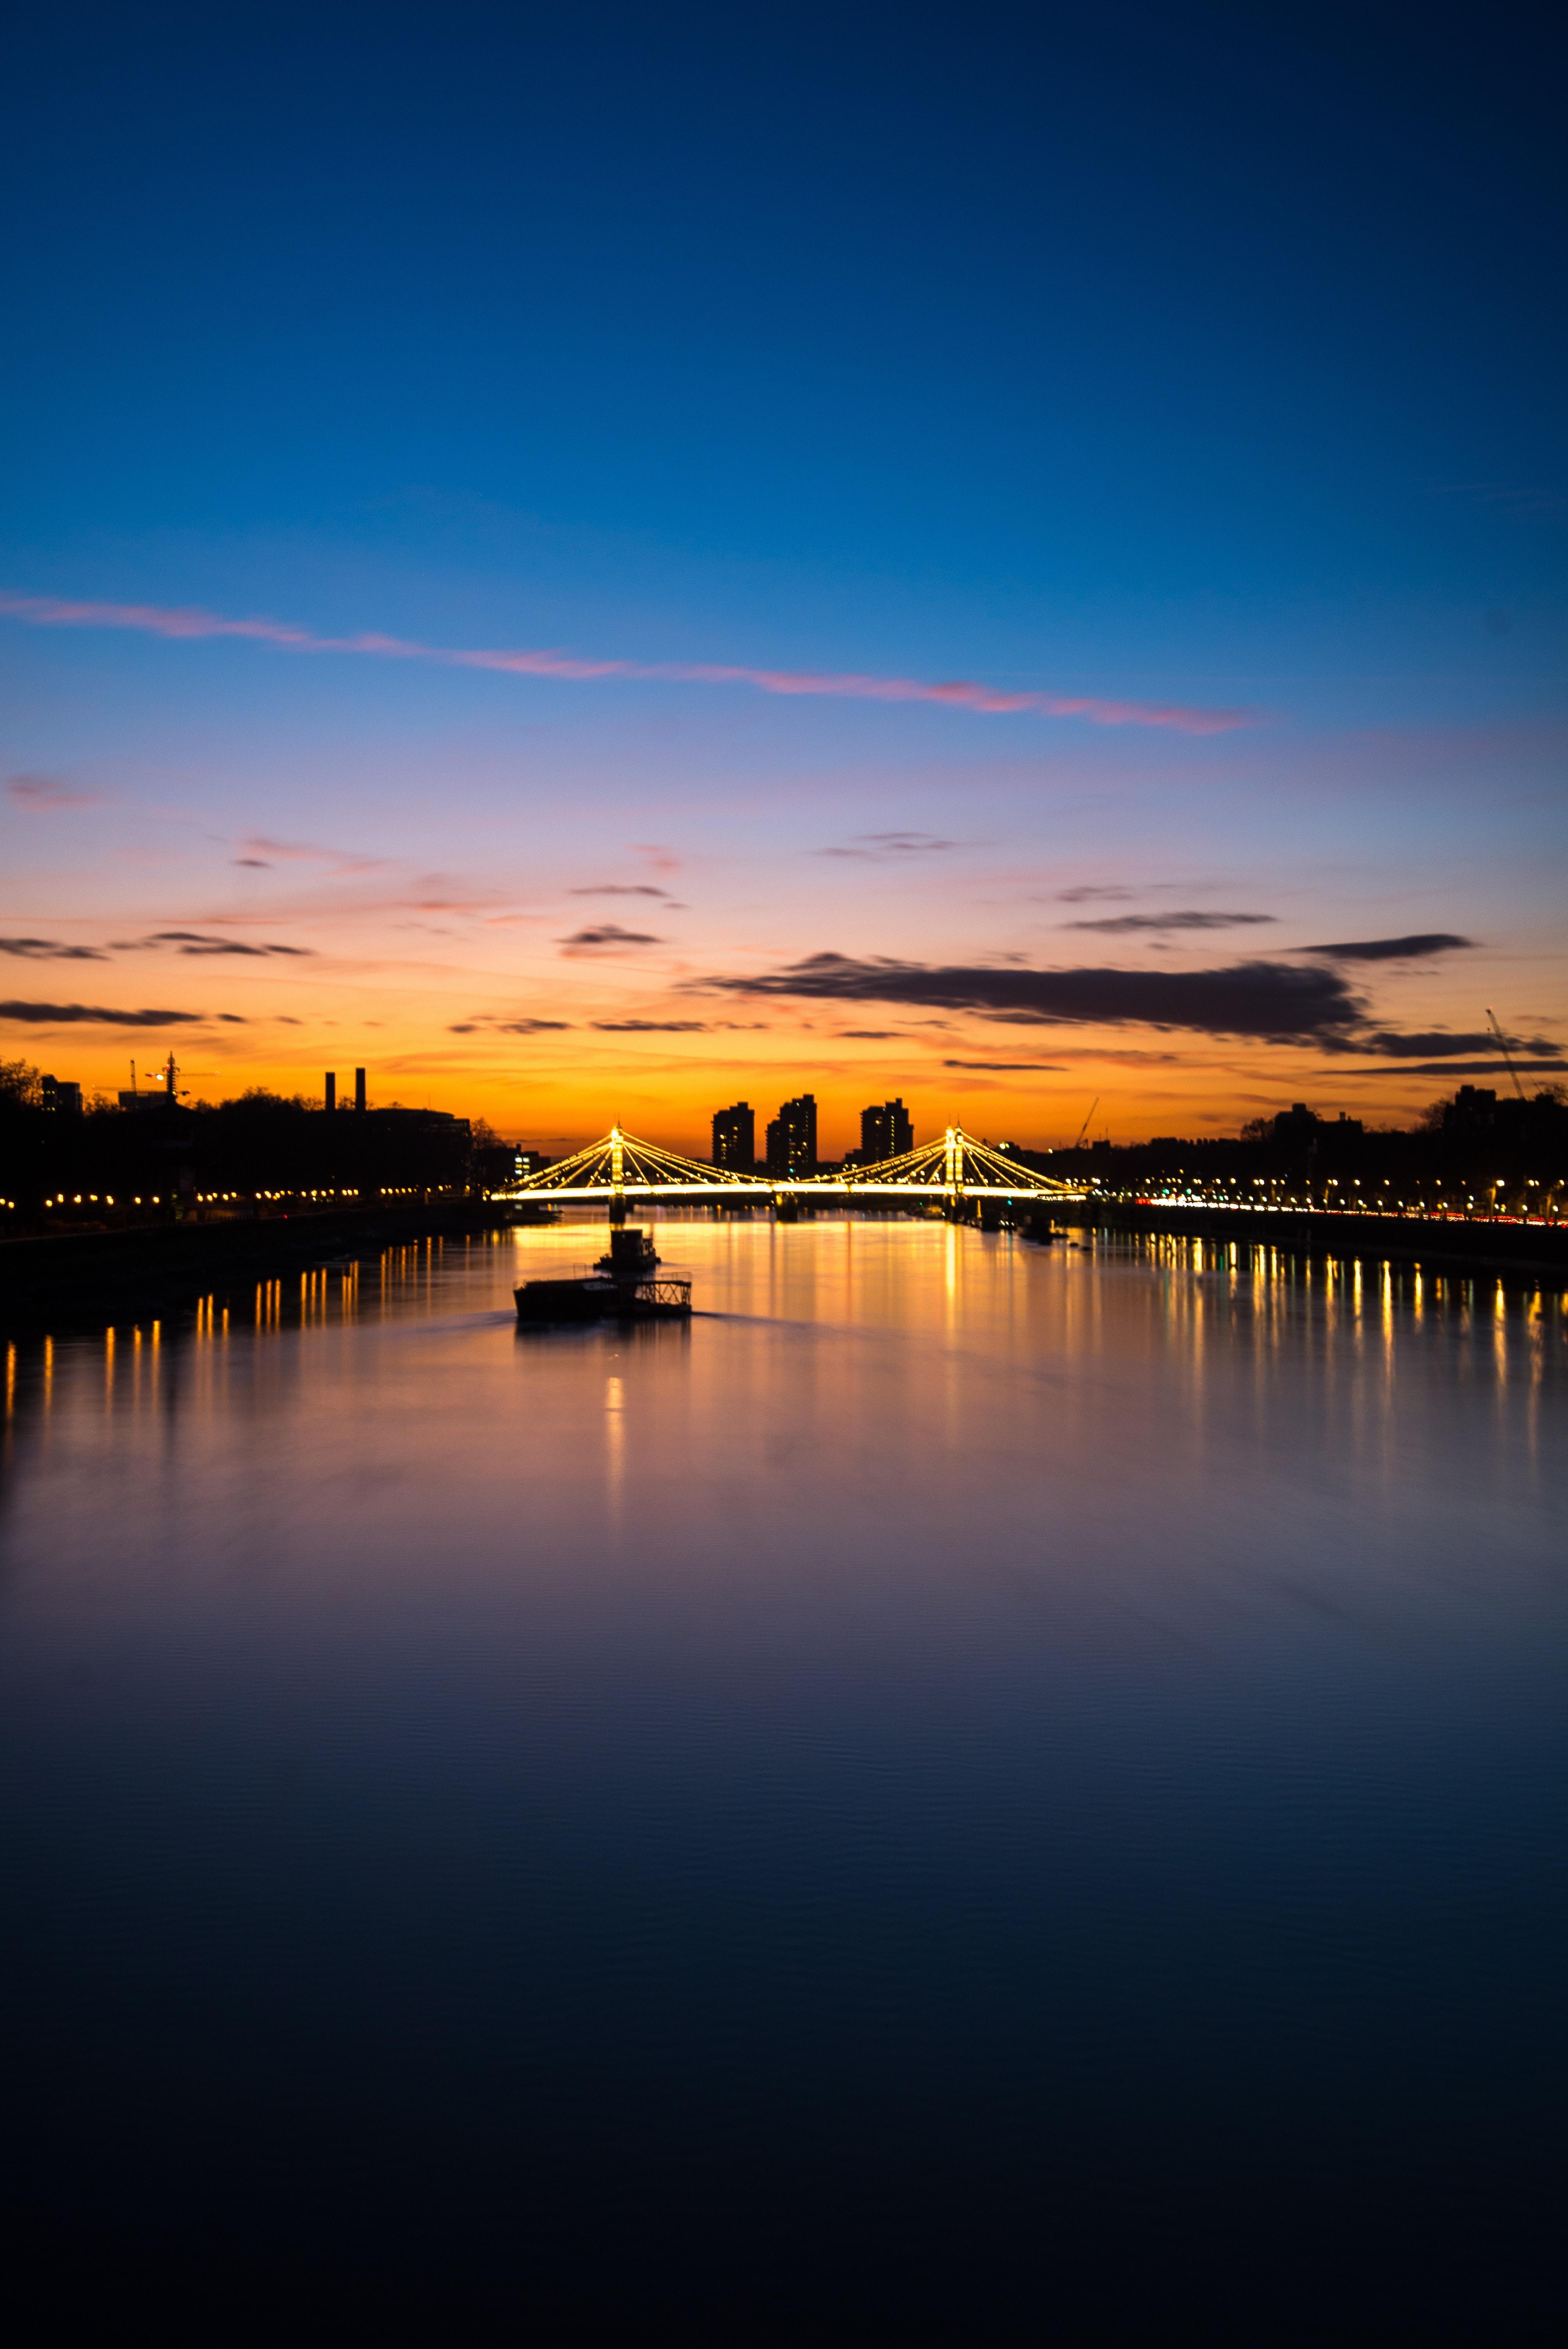 81966 Hintergrundbild herunterladen Städte, Flüsse, London, Nächtliche Stadt, Night City, Lichter Der Stadt, City Lights, Brücke - Bildschirmschoner und Bilder kostenlos